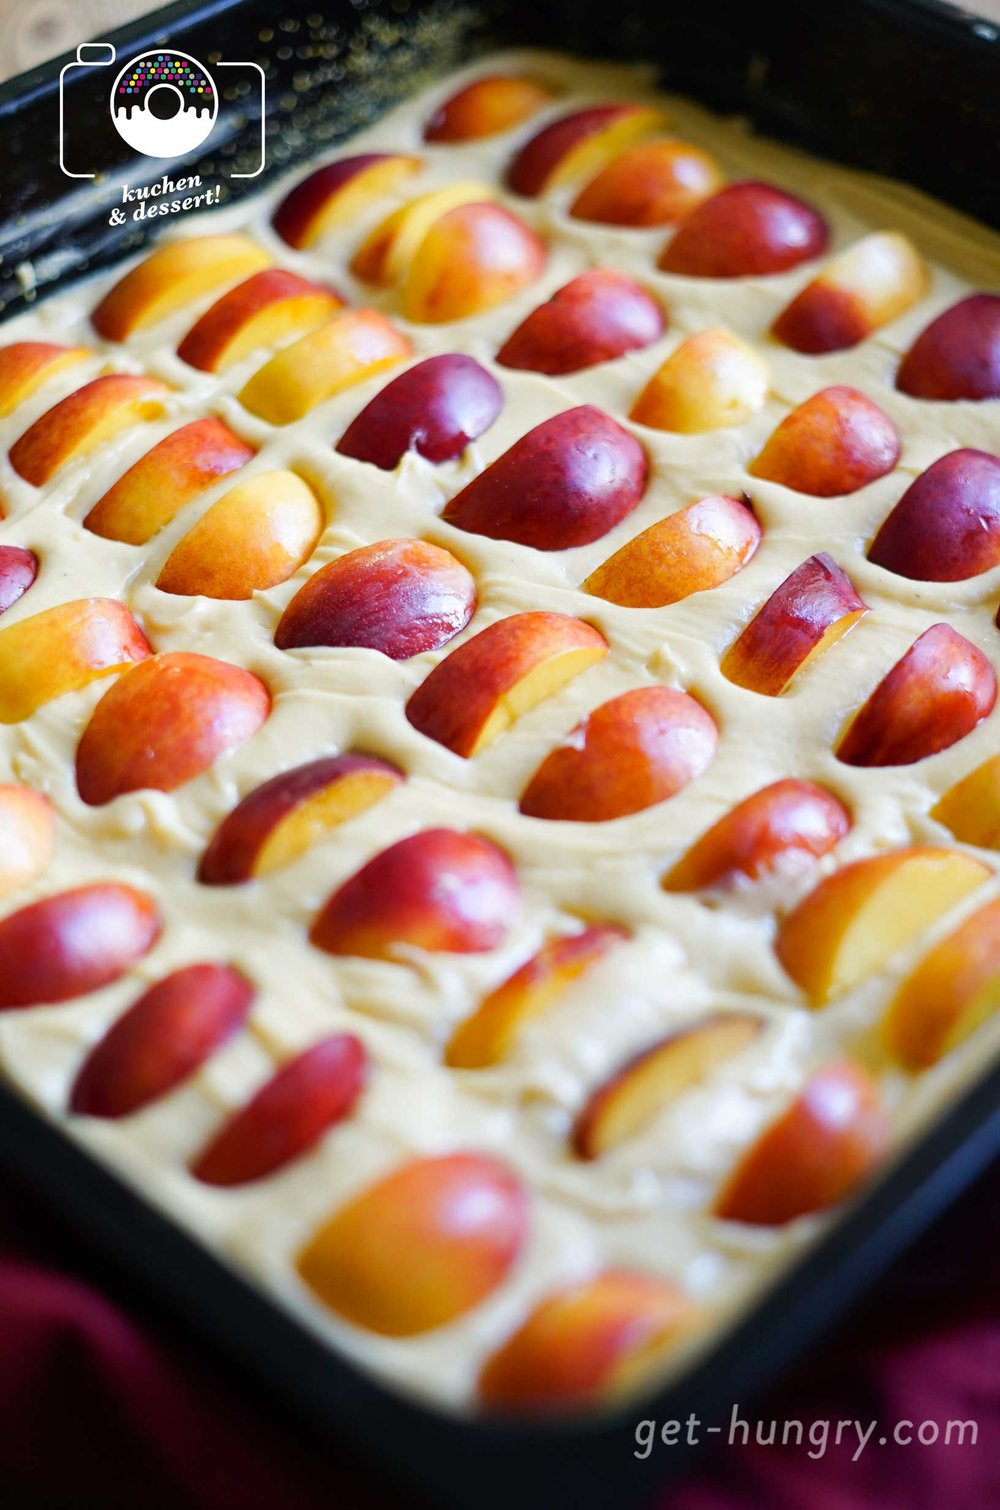 Die Früchte in regelmässigem Abstand, aber durchaus eng in den glatt gestrichenen Teig versenken.